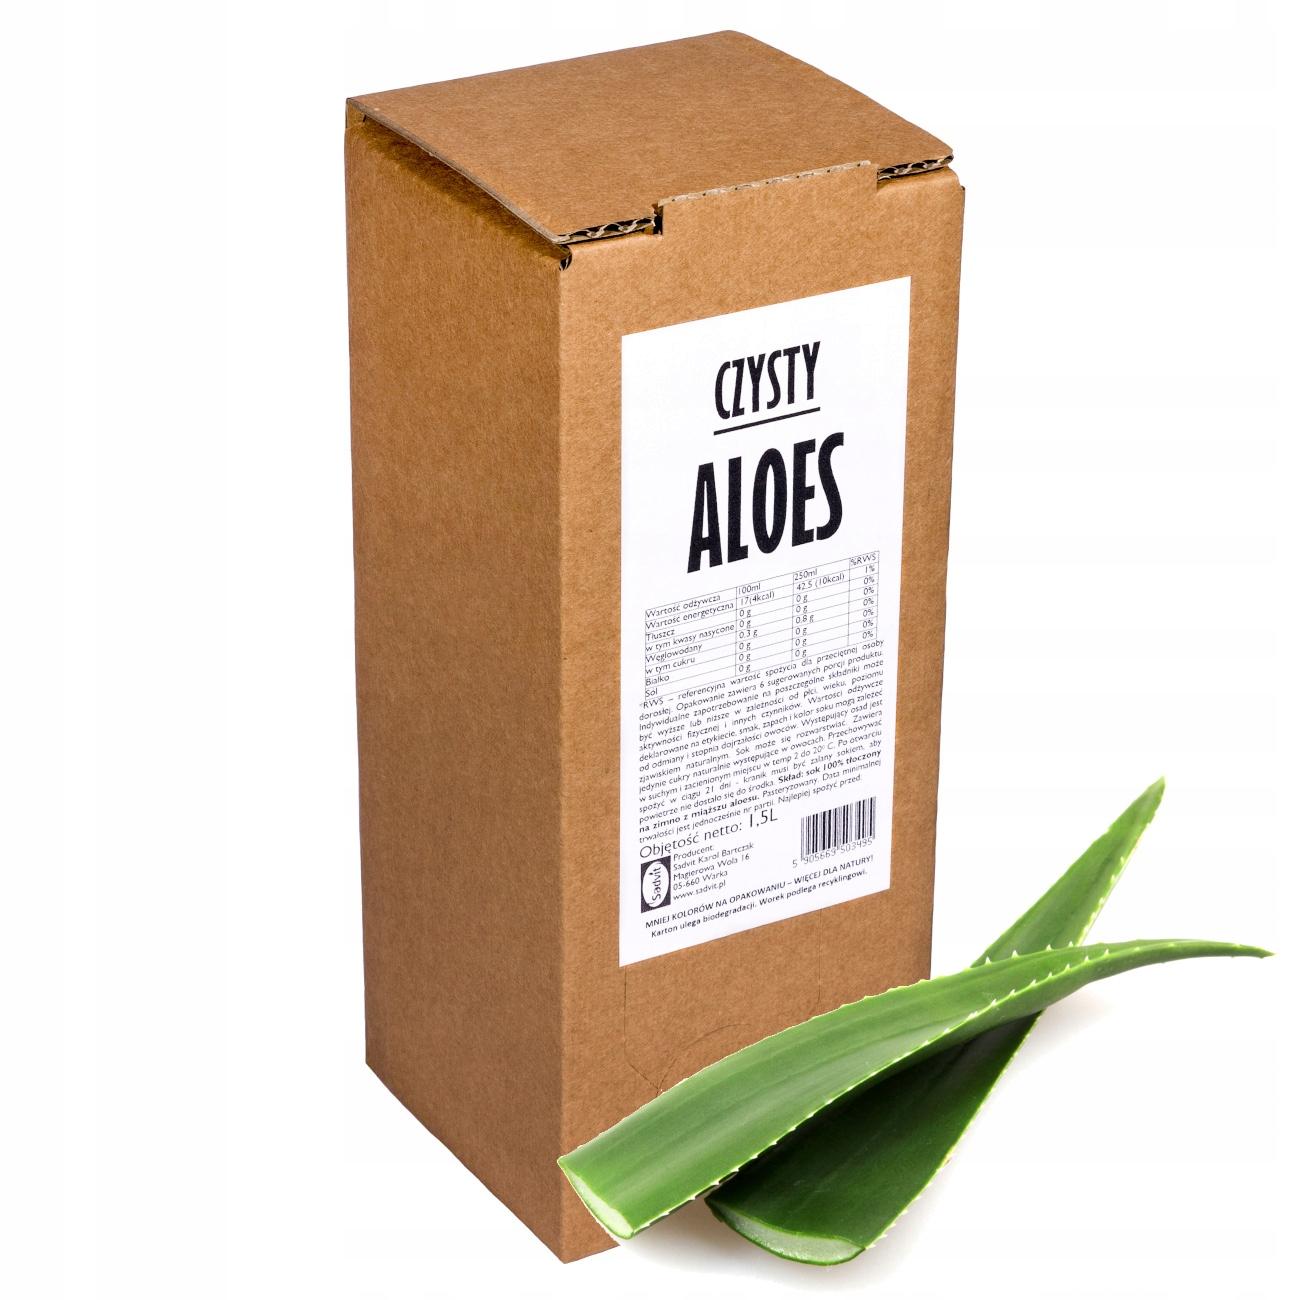 czysty ALOES 1,5L - sok 100% z Aloesu